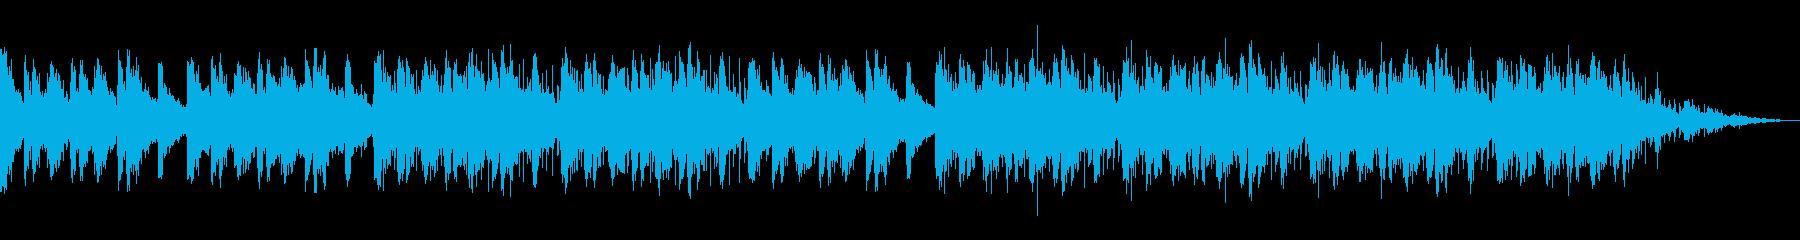 溜息が出るほど退屈な曲の再生済みの波形